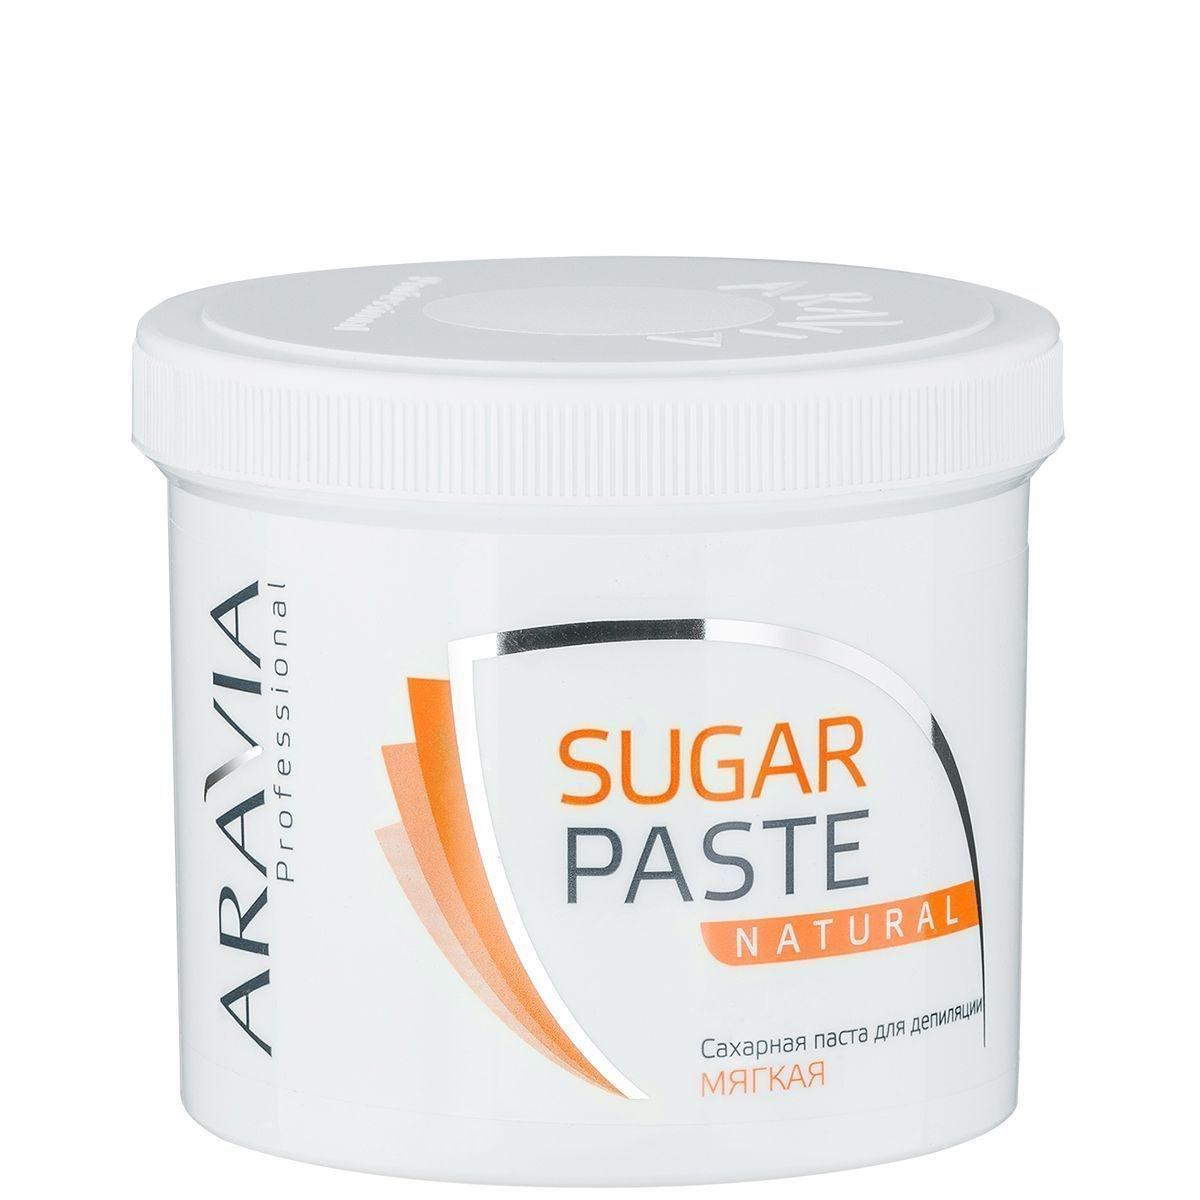 ARAVIA Сахарная Паста для Депиляции Натуральная Мягкой Консистенции, 750 гр